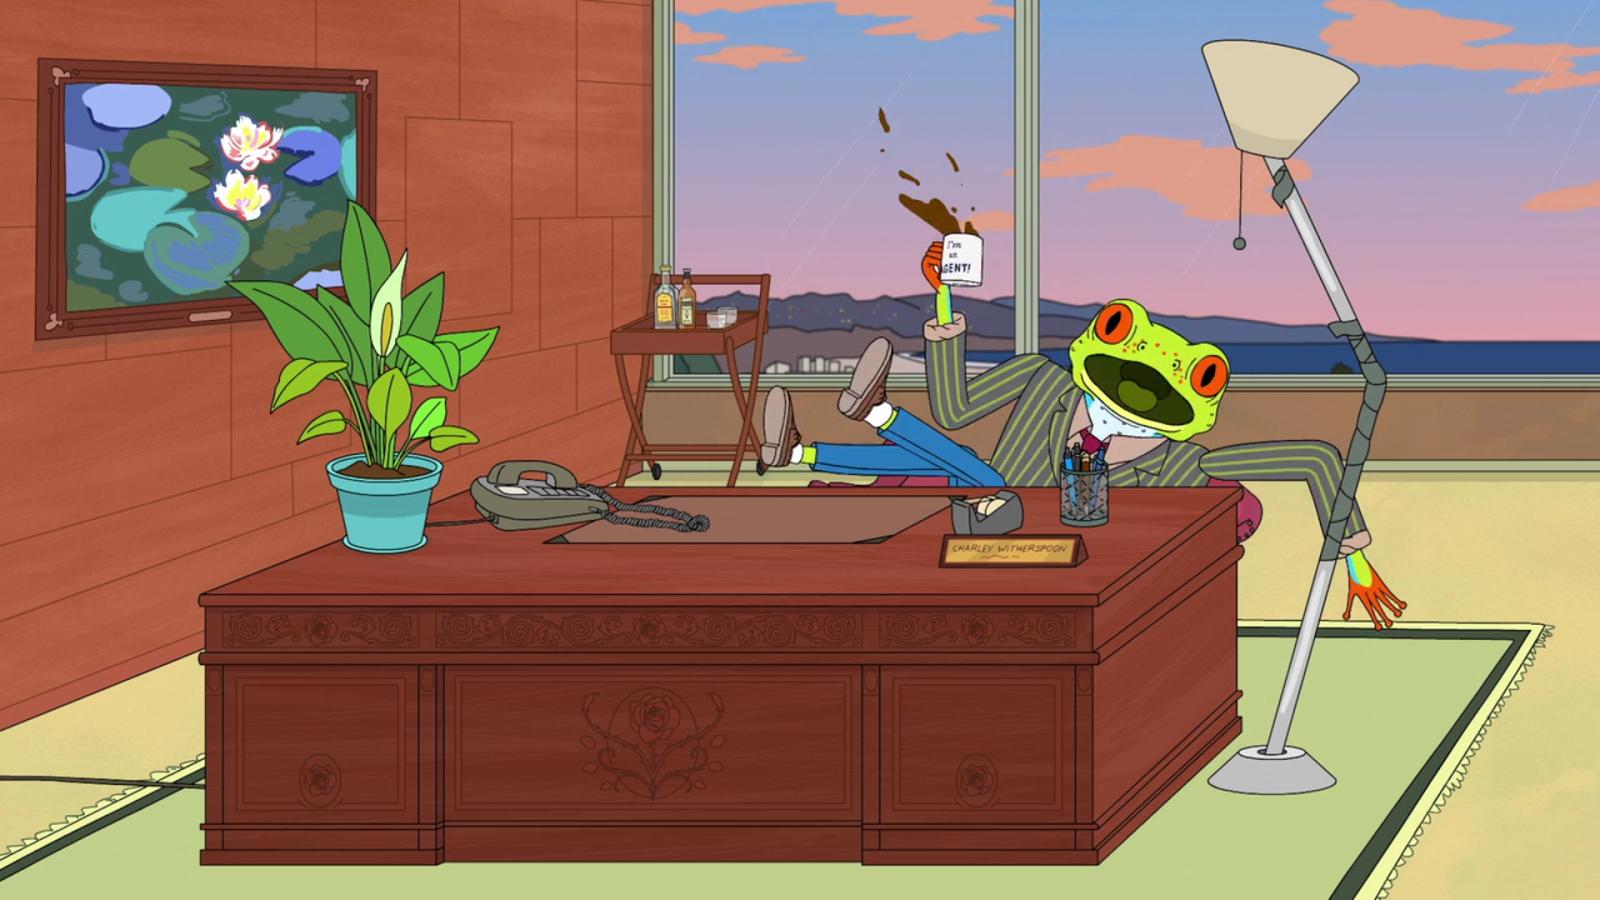 Per un personaggio che ha le fattezze di una rana, poteva esserci opera migliore da appendere in ufficio? Ecco che in BoJack Horseman compaiono le celeberrime ninfee di Monet